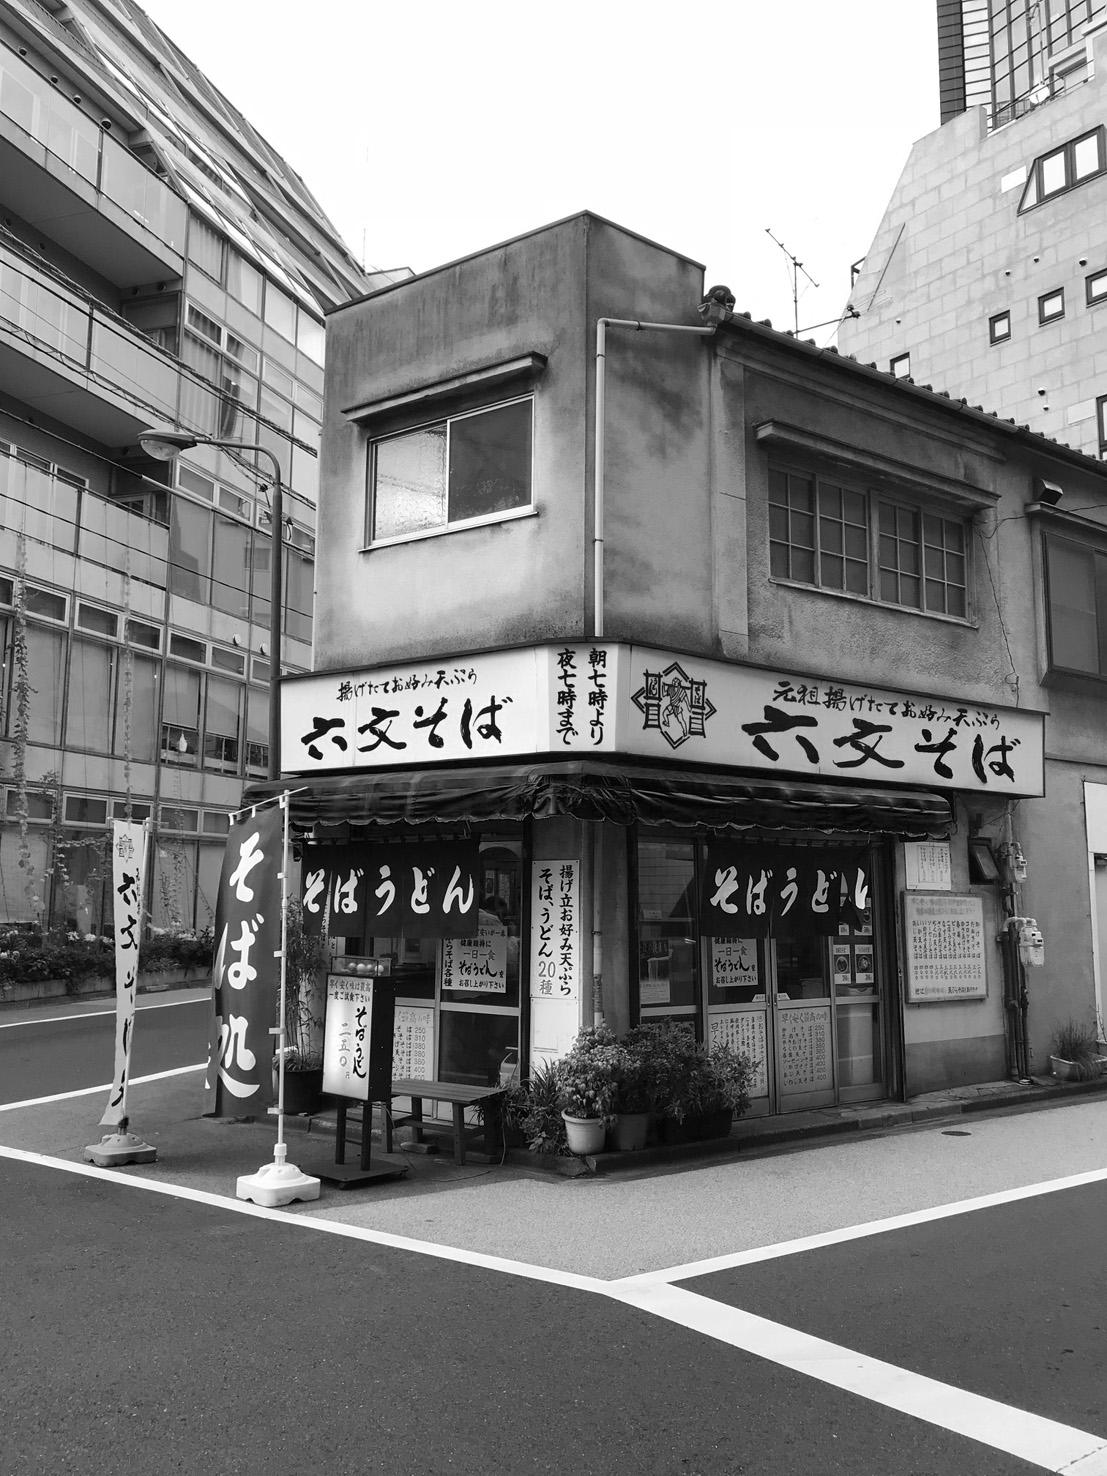 店舗デザイン shopdesgin インテリアデザイン 東京 横浜